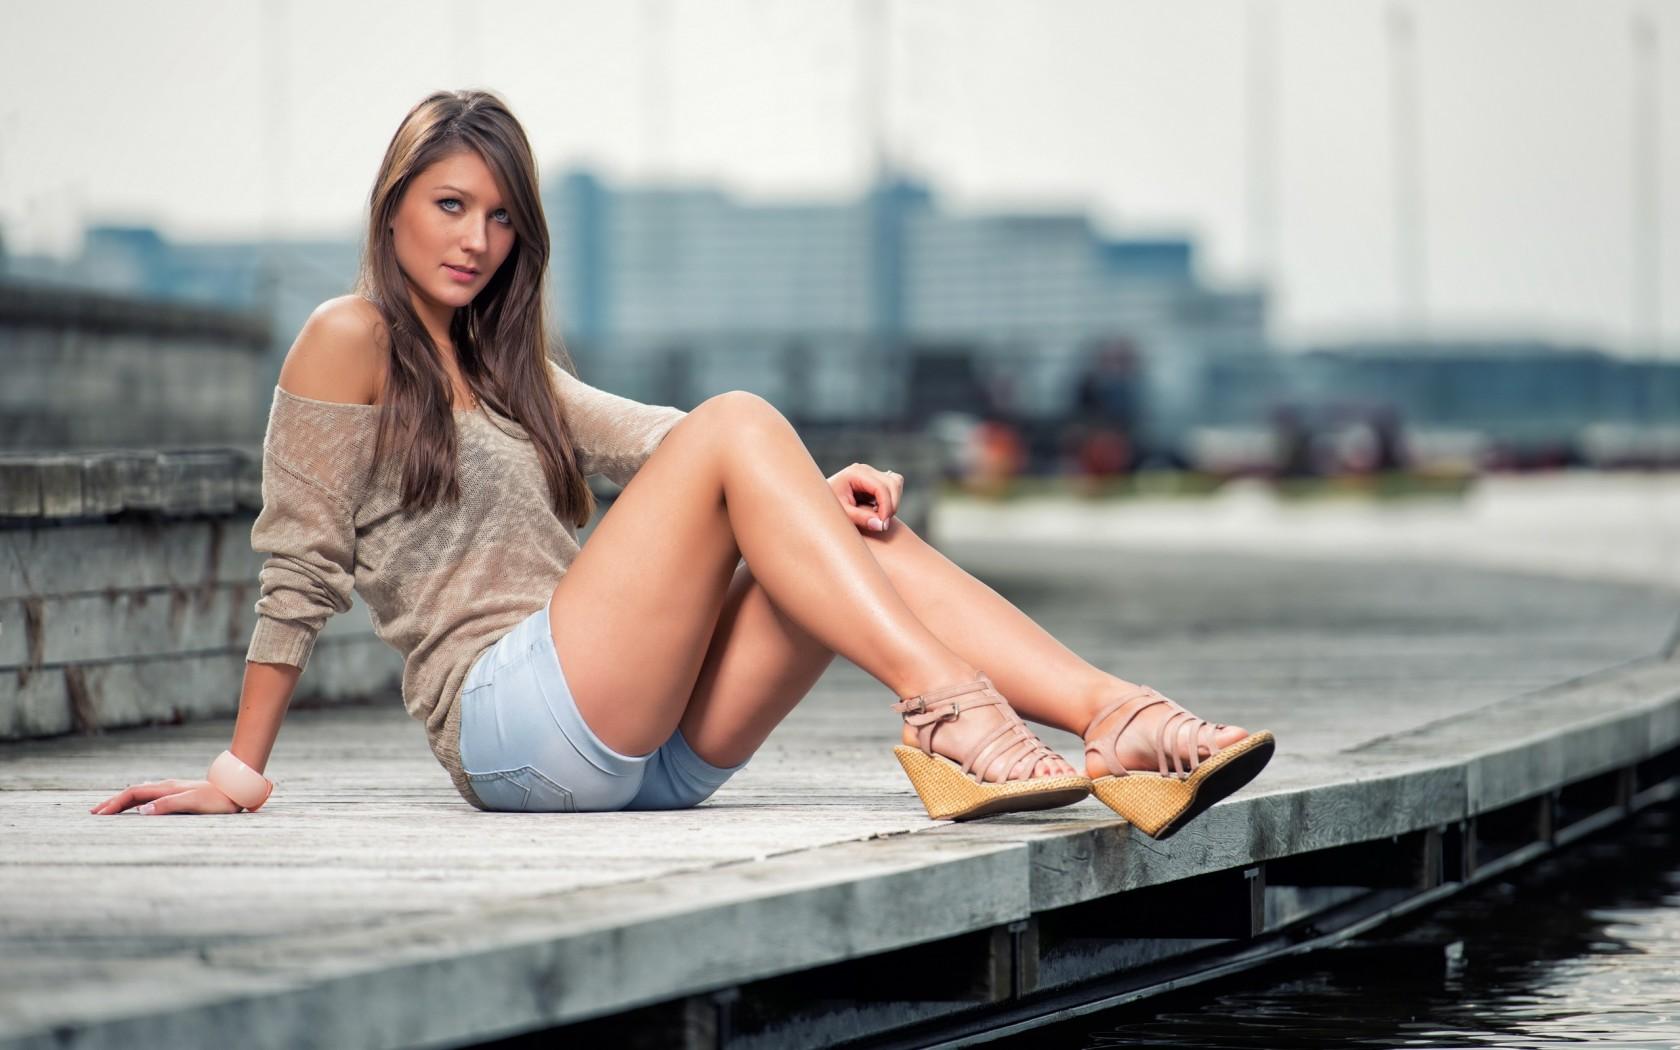 Beautiful Girl Fashion Wallpaper Download Beautiful Hot